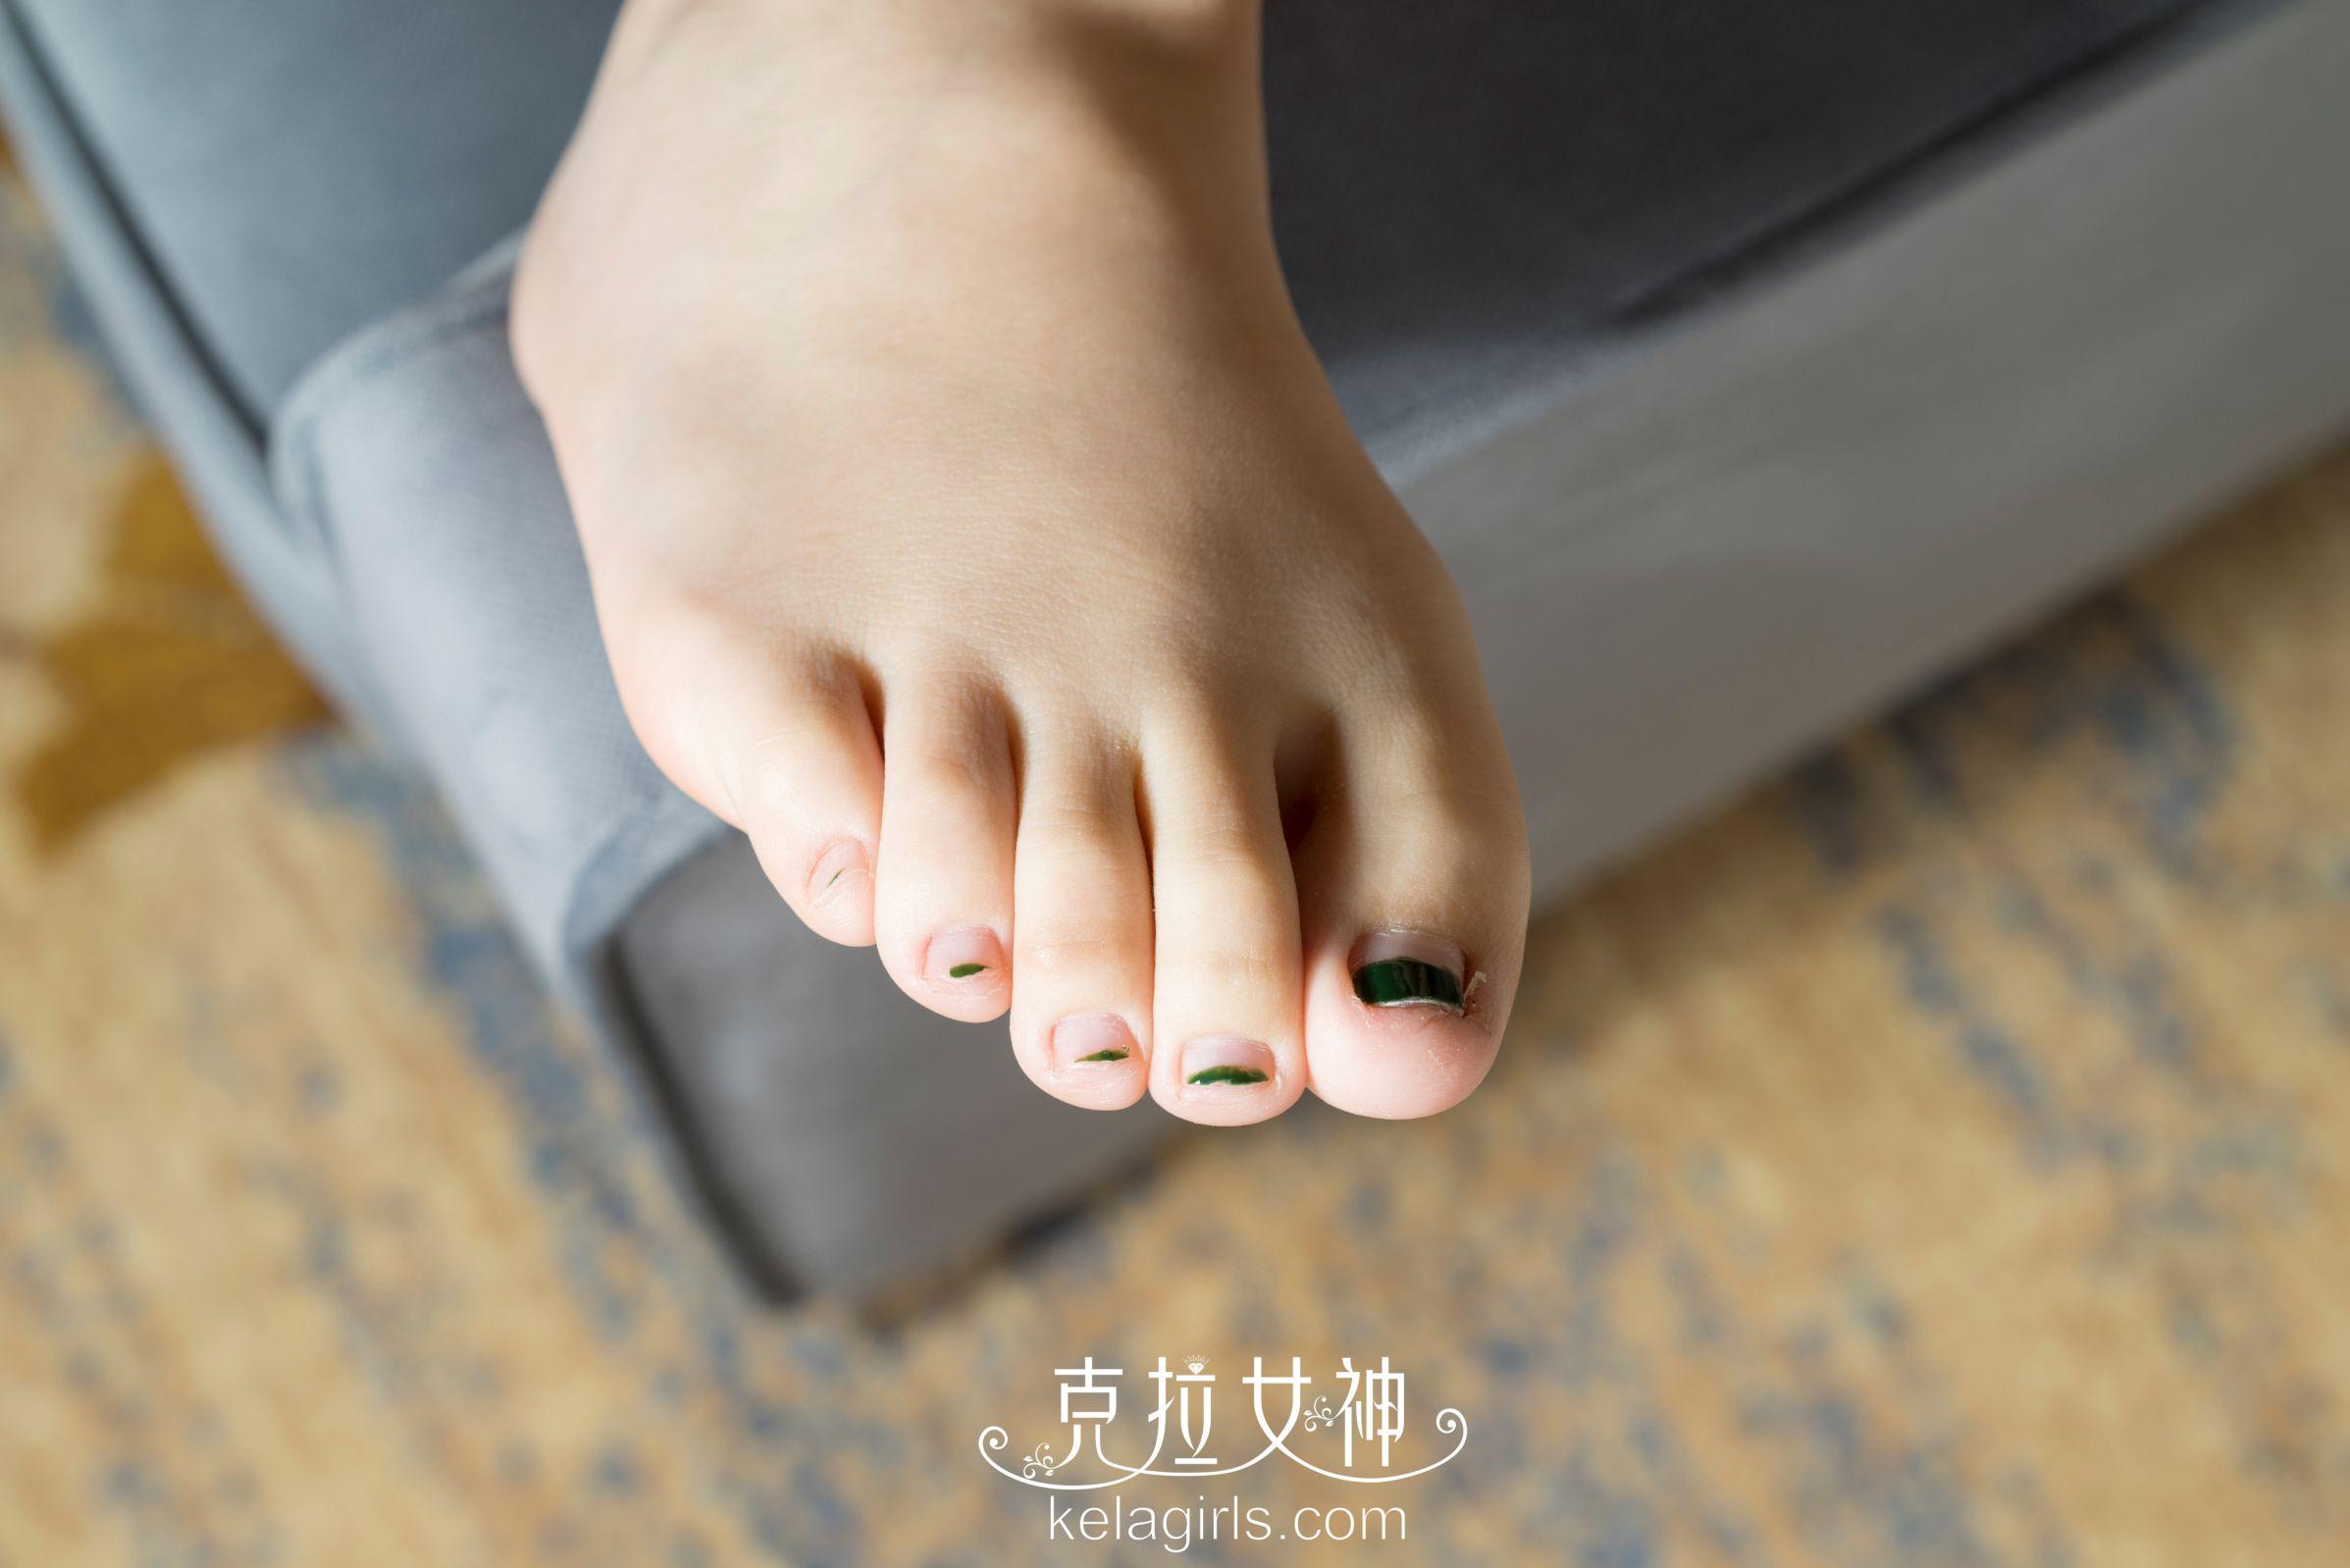 菁菁 - 《校花の美脚》写真图片